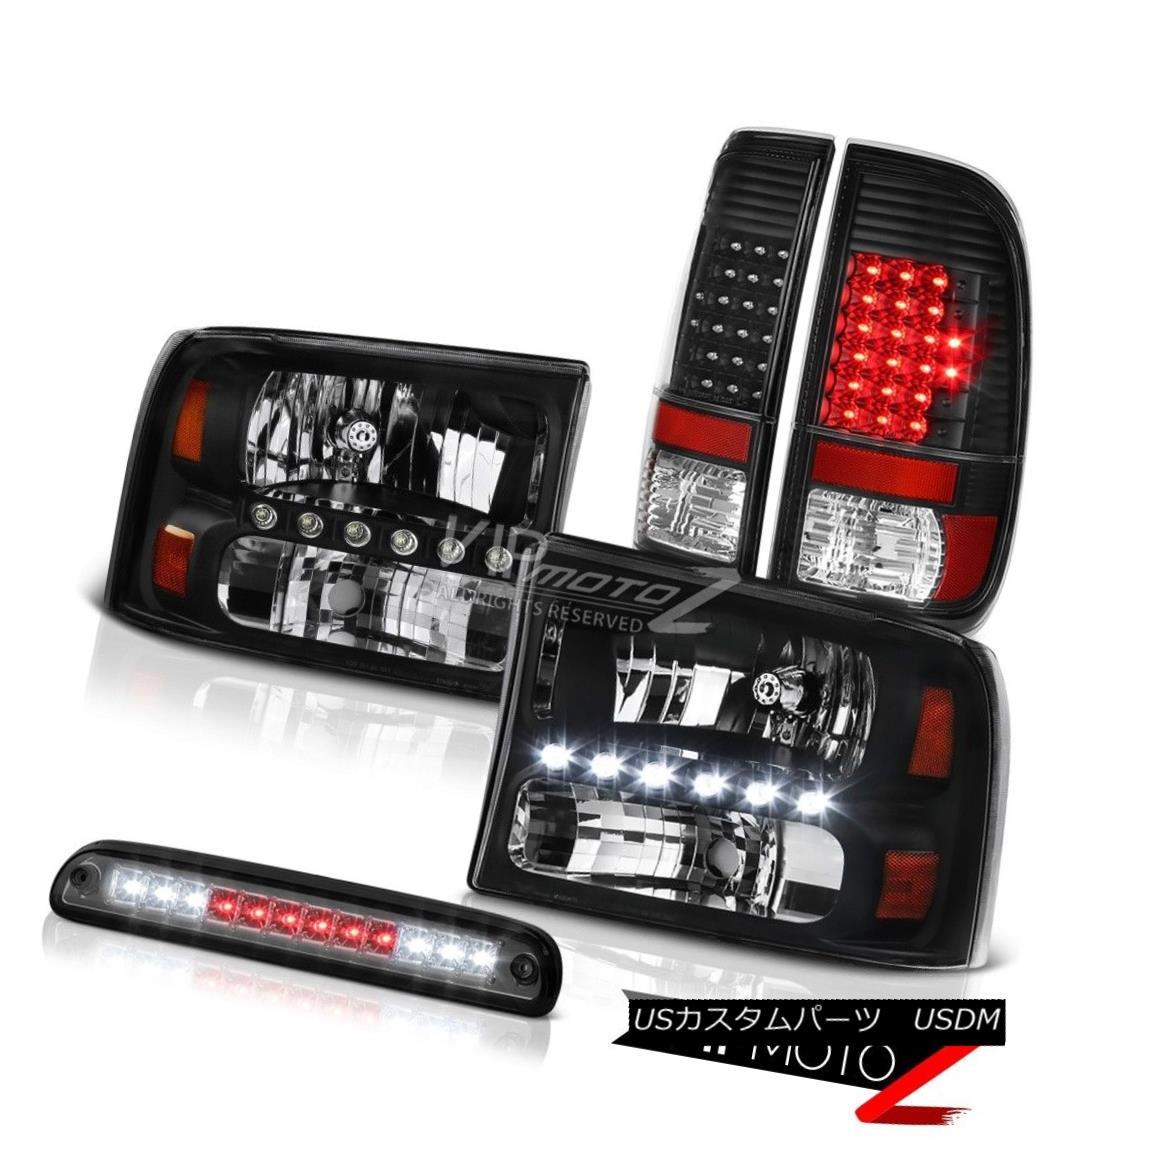 ヘッドライト 1999-2004 Ford F250 XL Crystal Black Headlights LED Tail Lamps Smoke Third Brake 1999-2004フォードF250 XLクリスタルブラックヘッドライトLEDテールランプスモークサードブレーキ